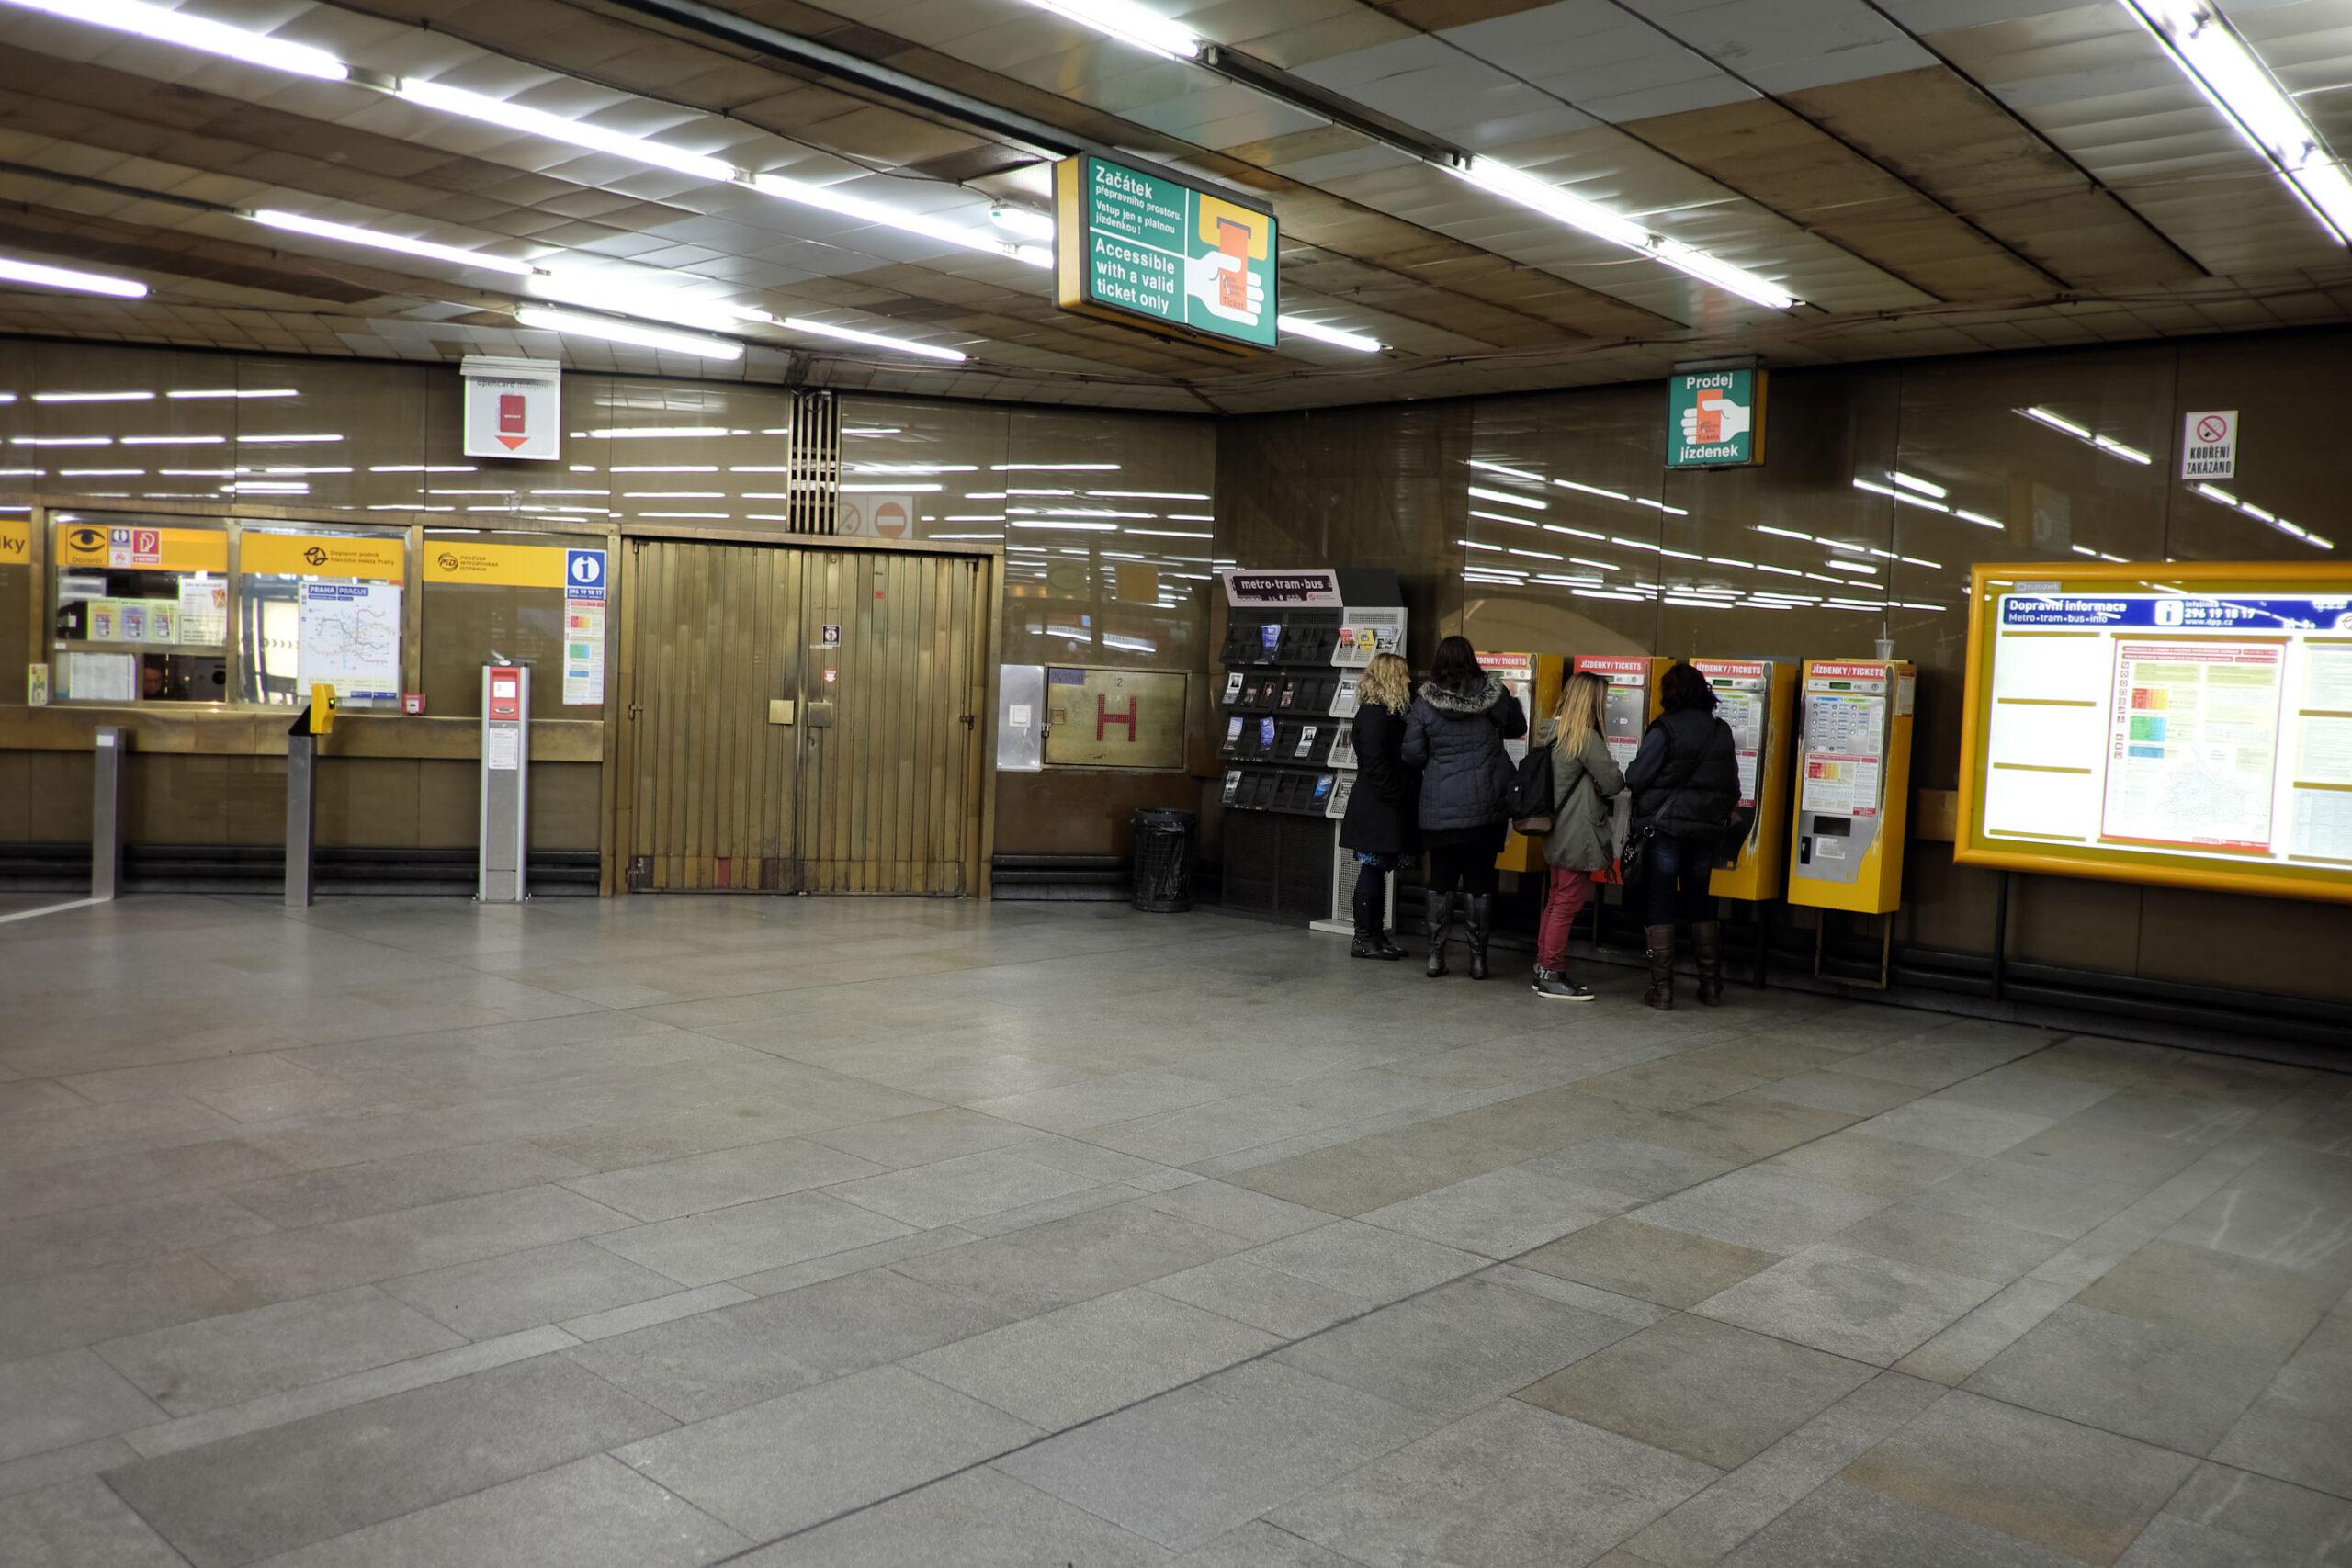 reisekort billetter stasjon automat Praha kollektivtransport Tbane